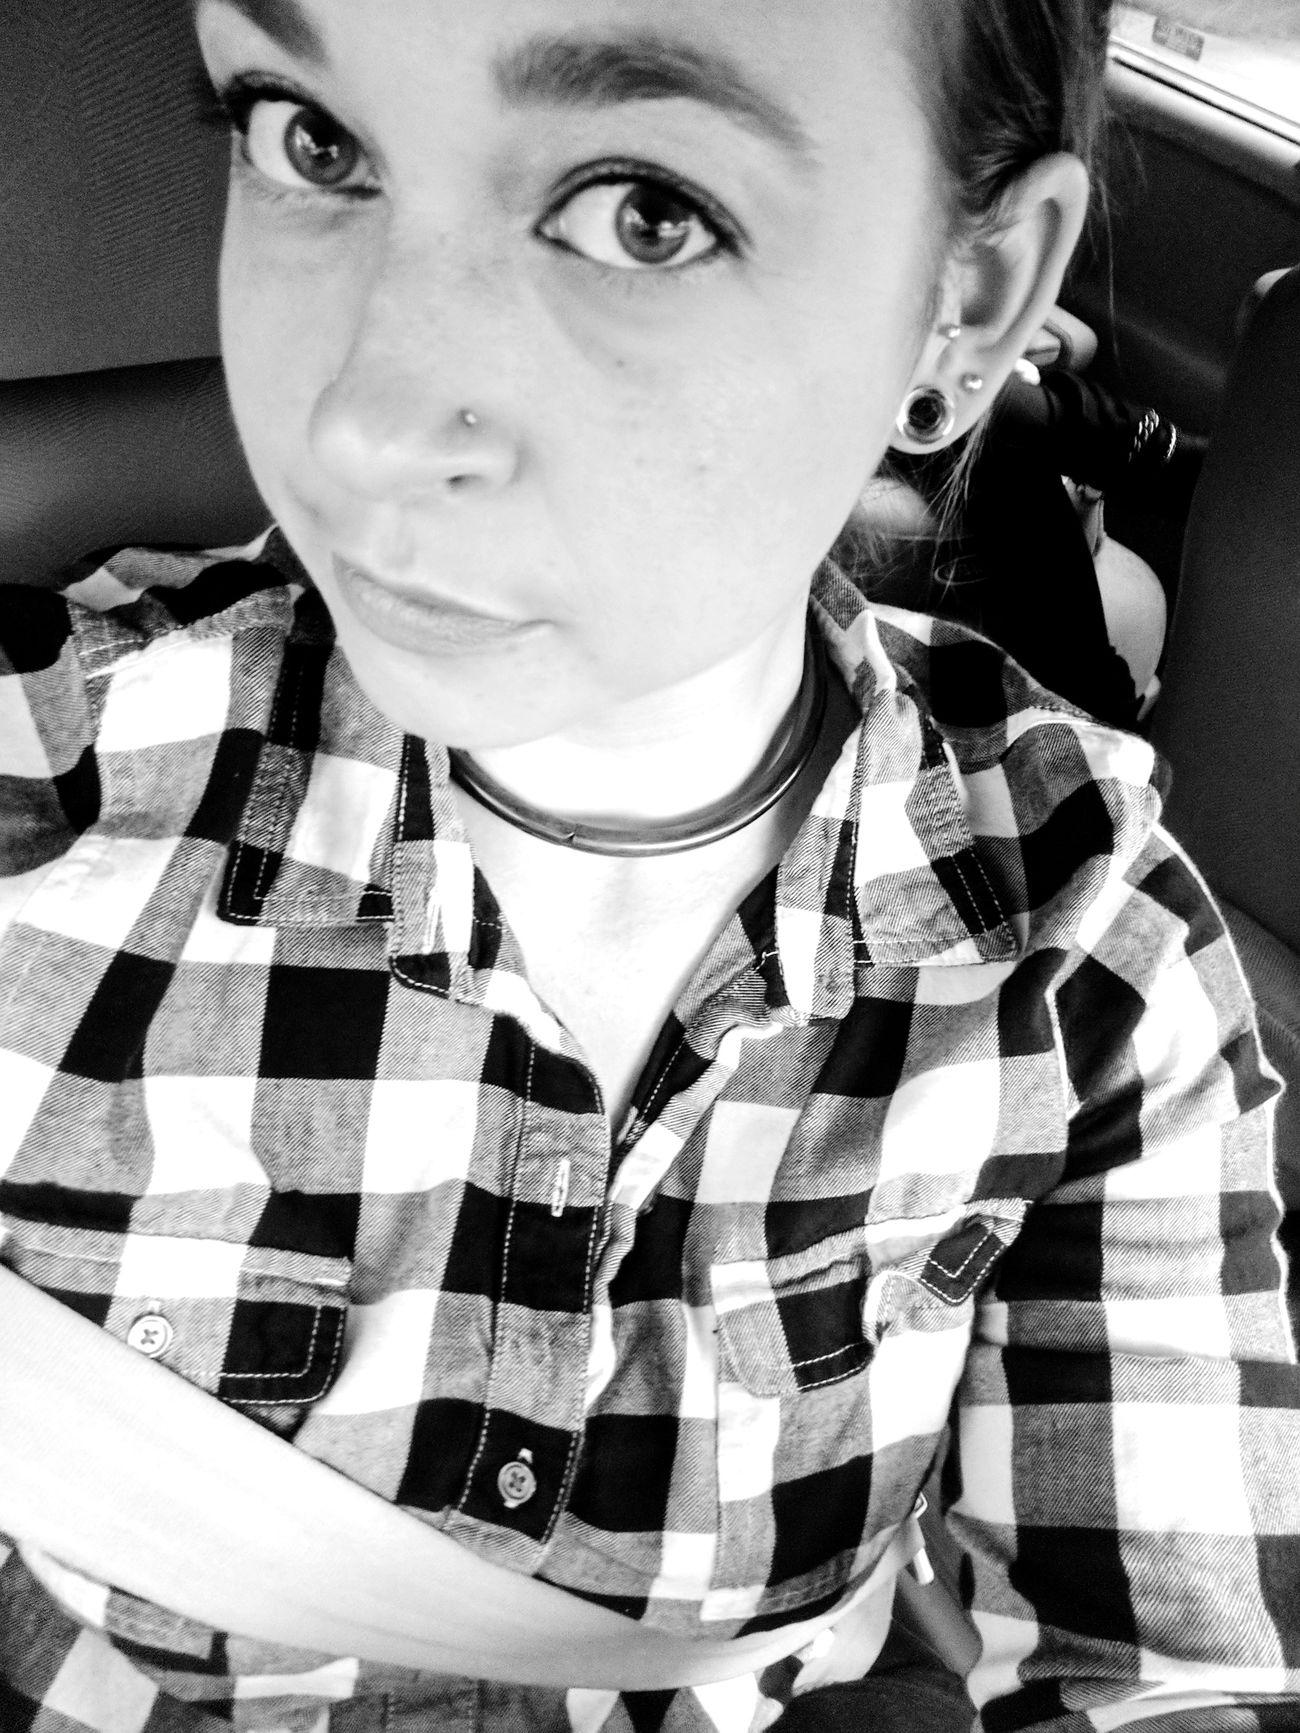 Blackandwhite Selfıe